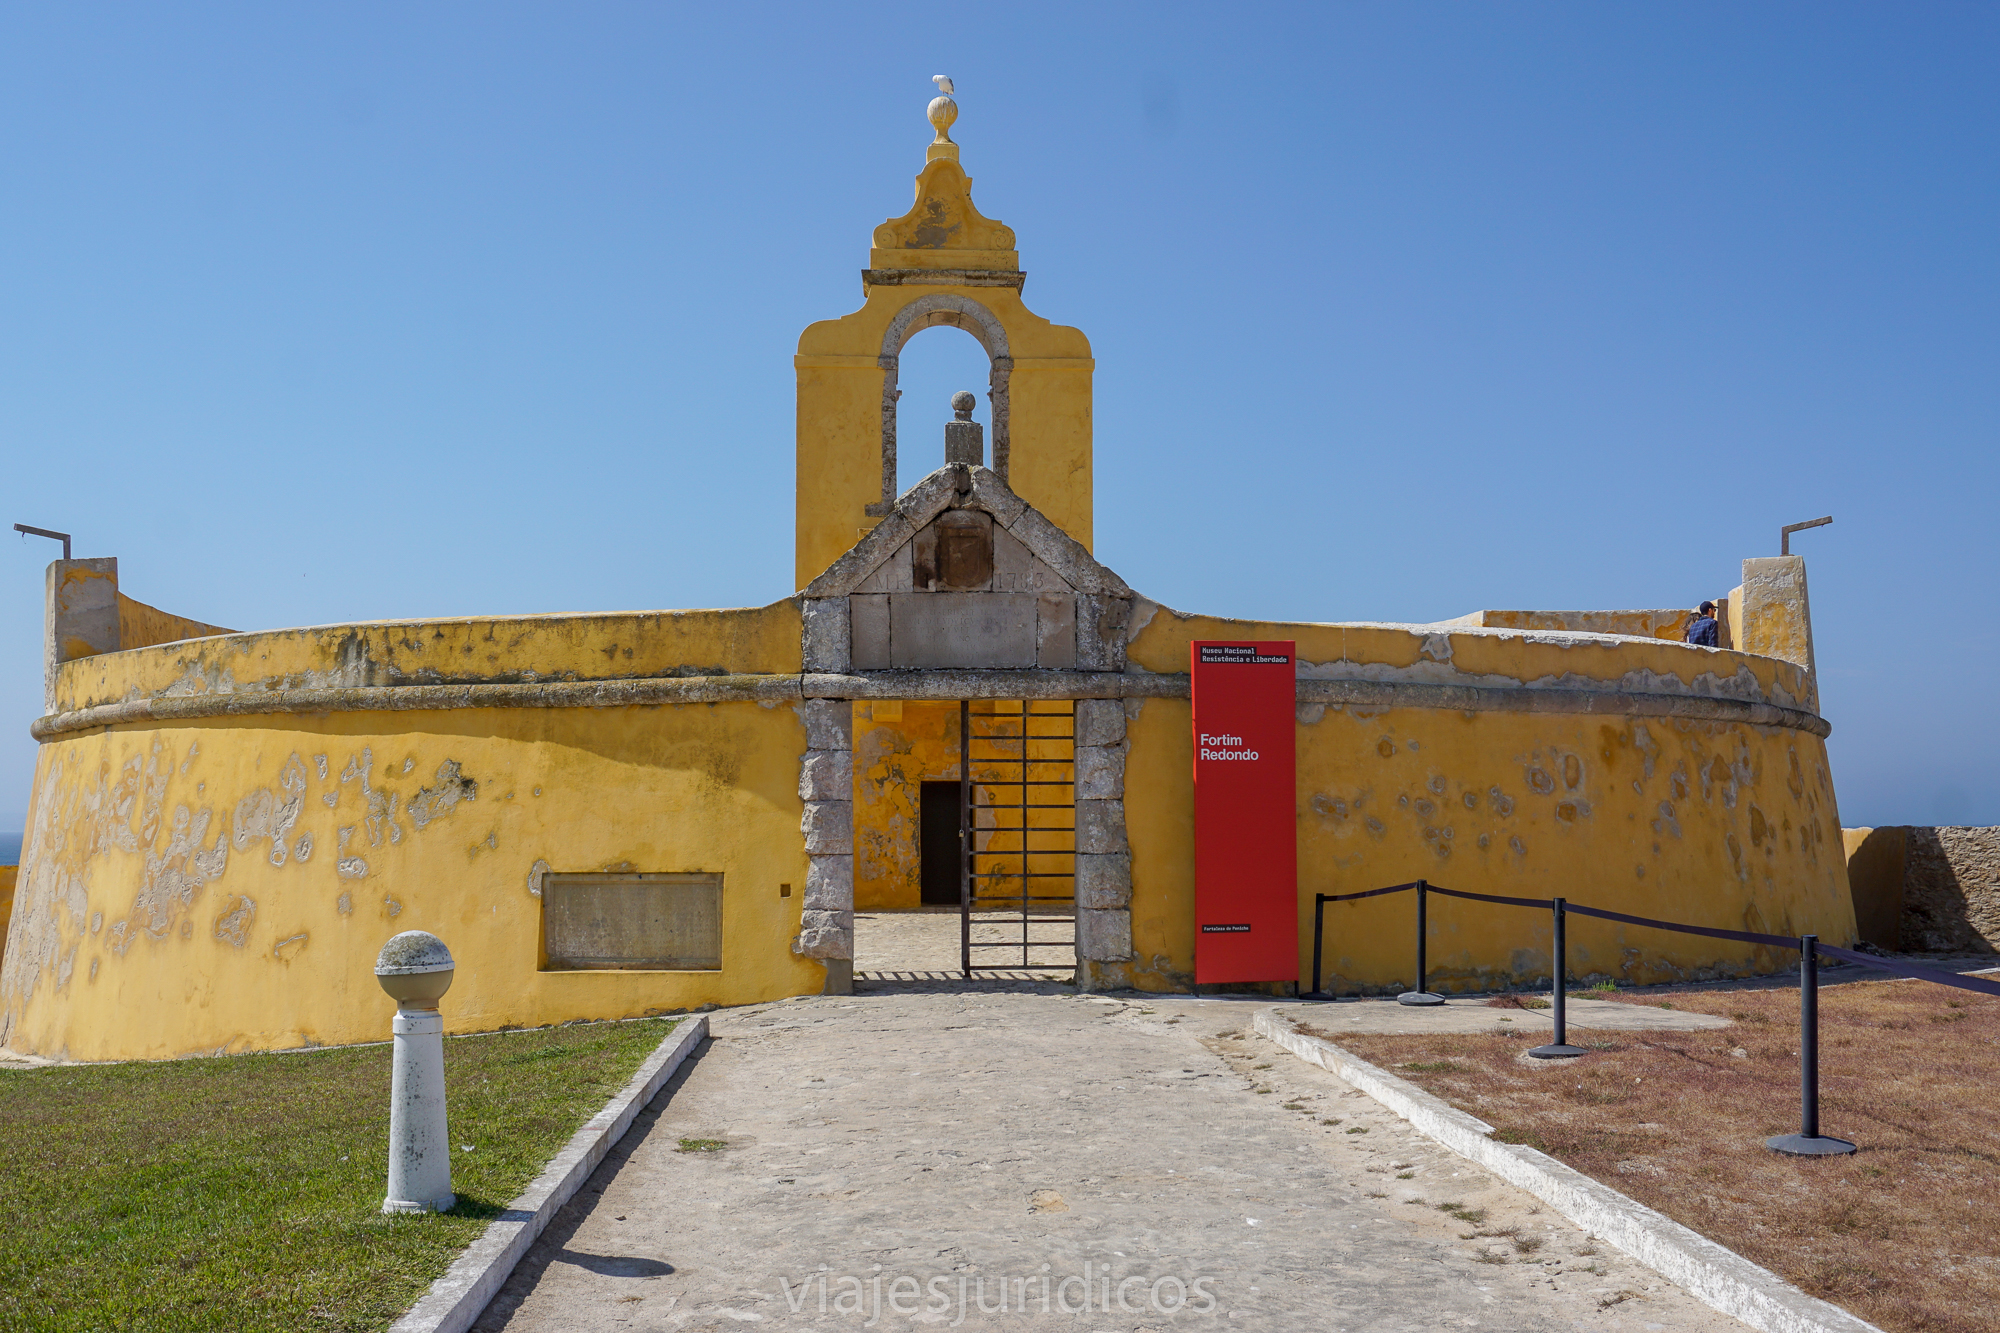 Fortin redondo Peniche museo de la resistencia y libertad